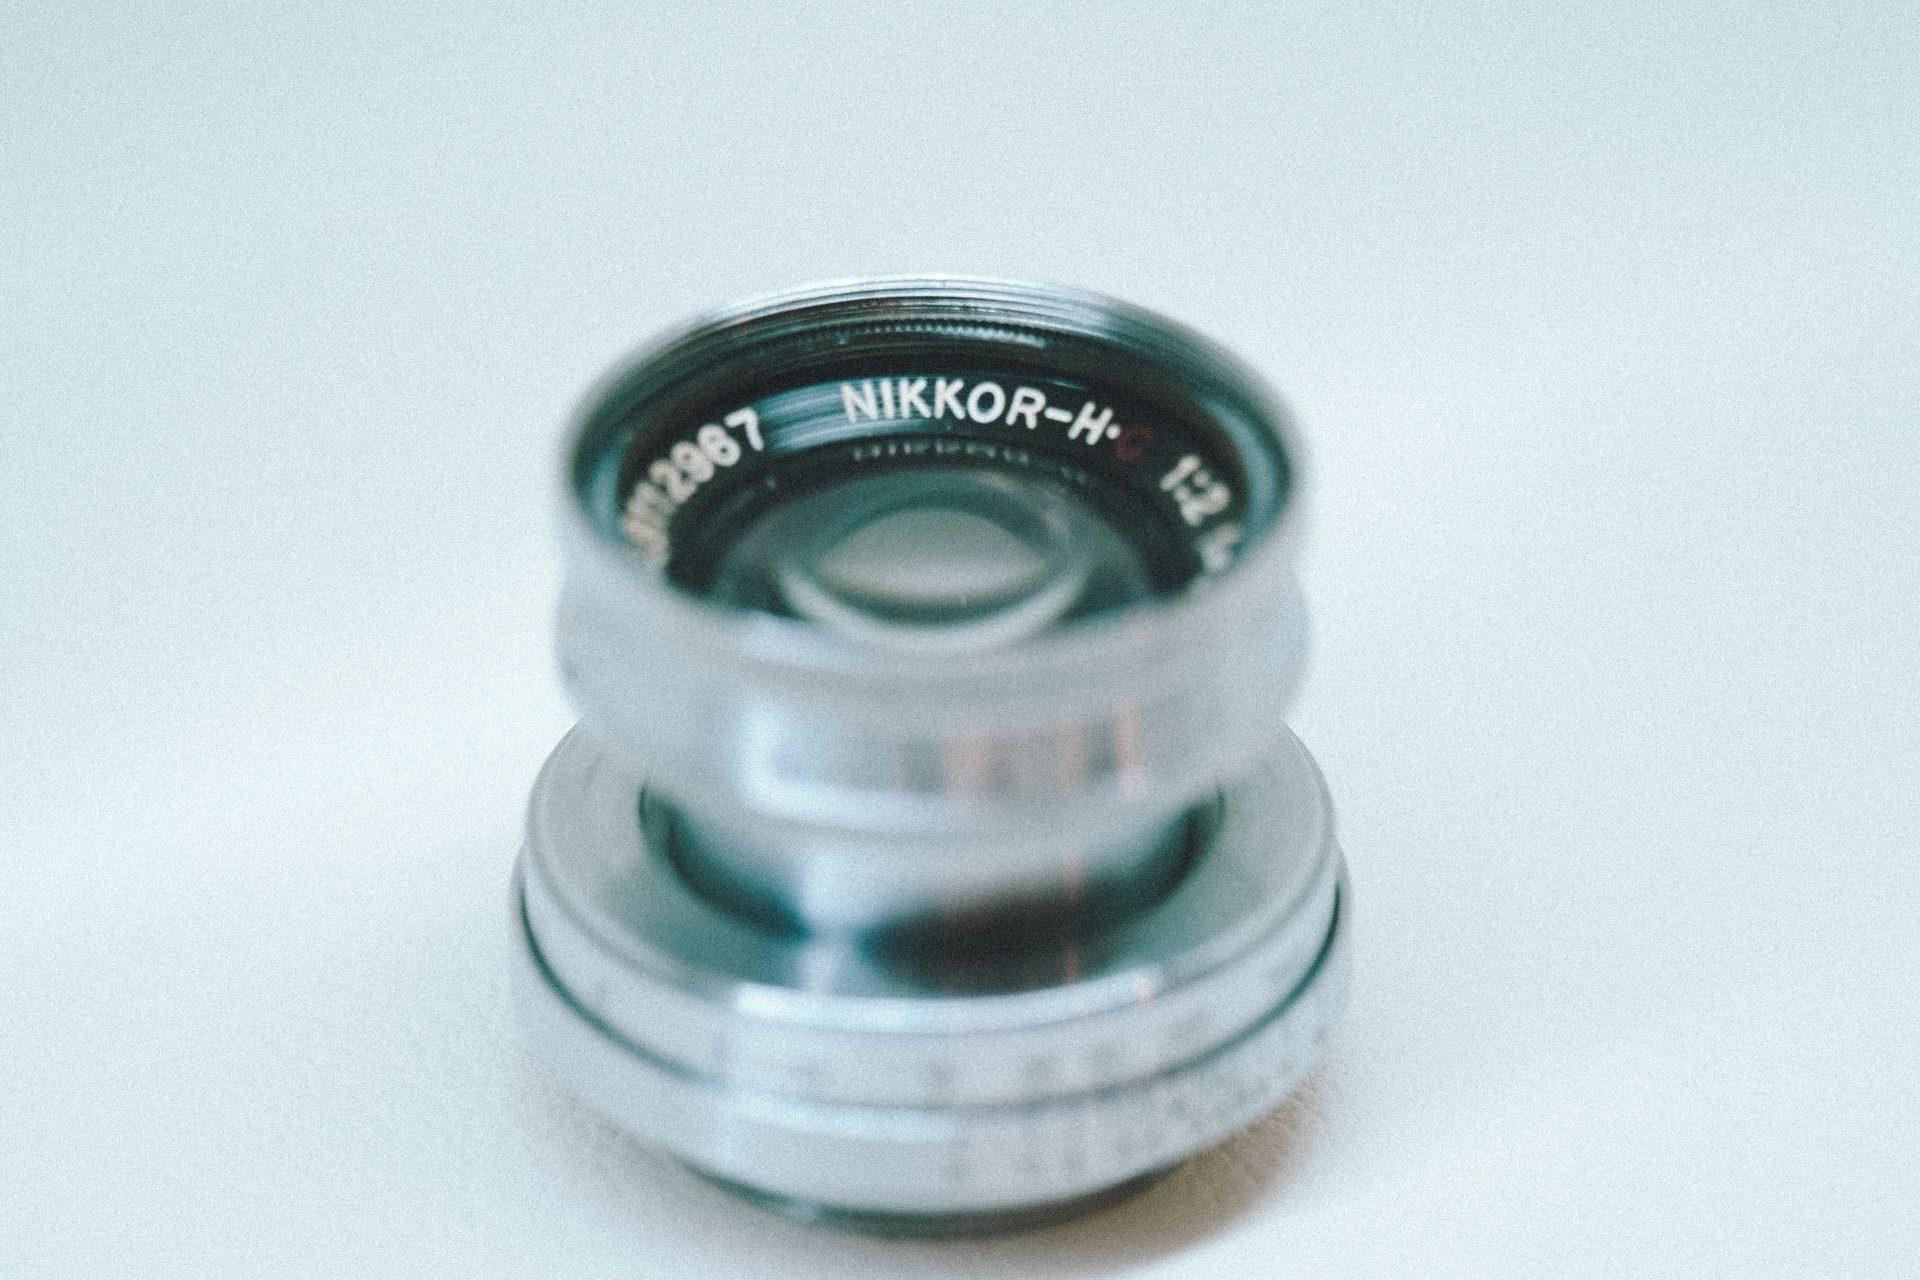 【Nikon】NIKKOR HC 5cm F2 沈胴 Lマウントについて